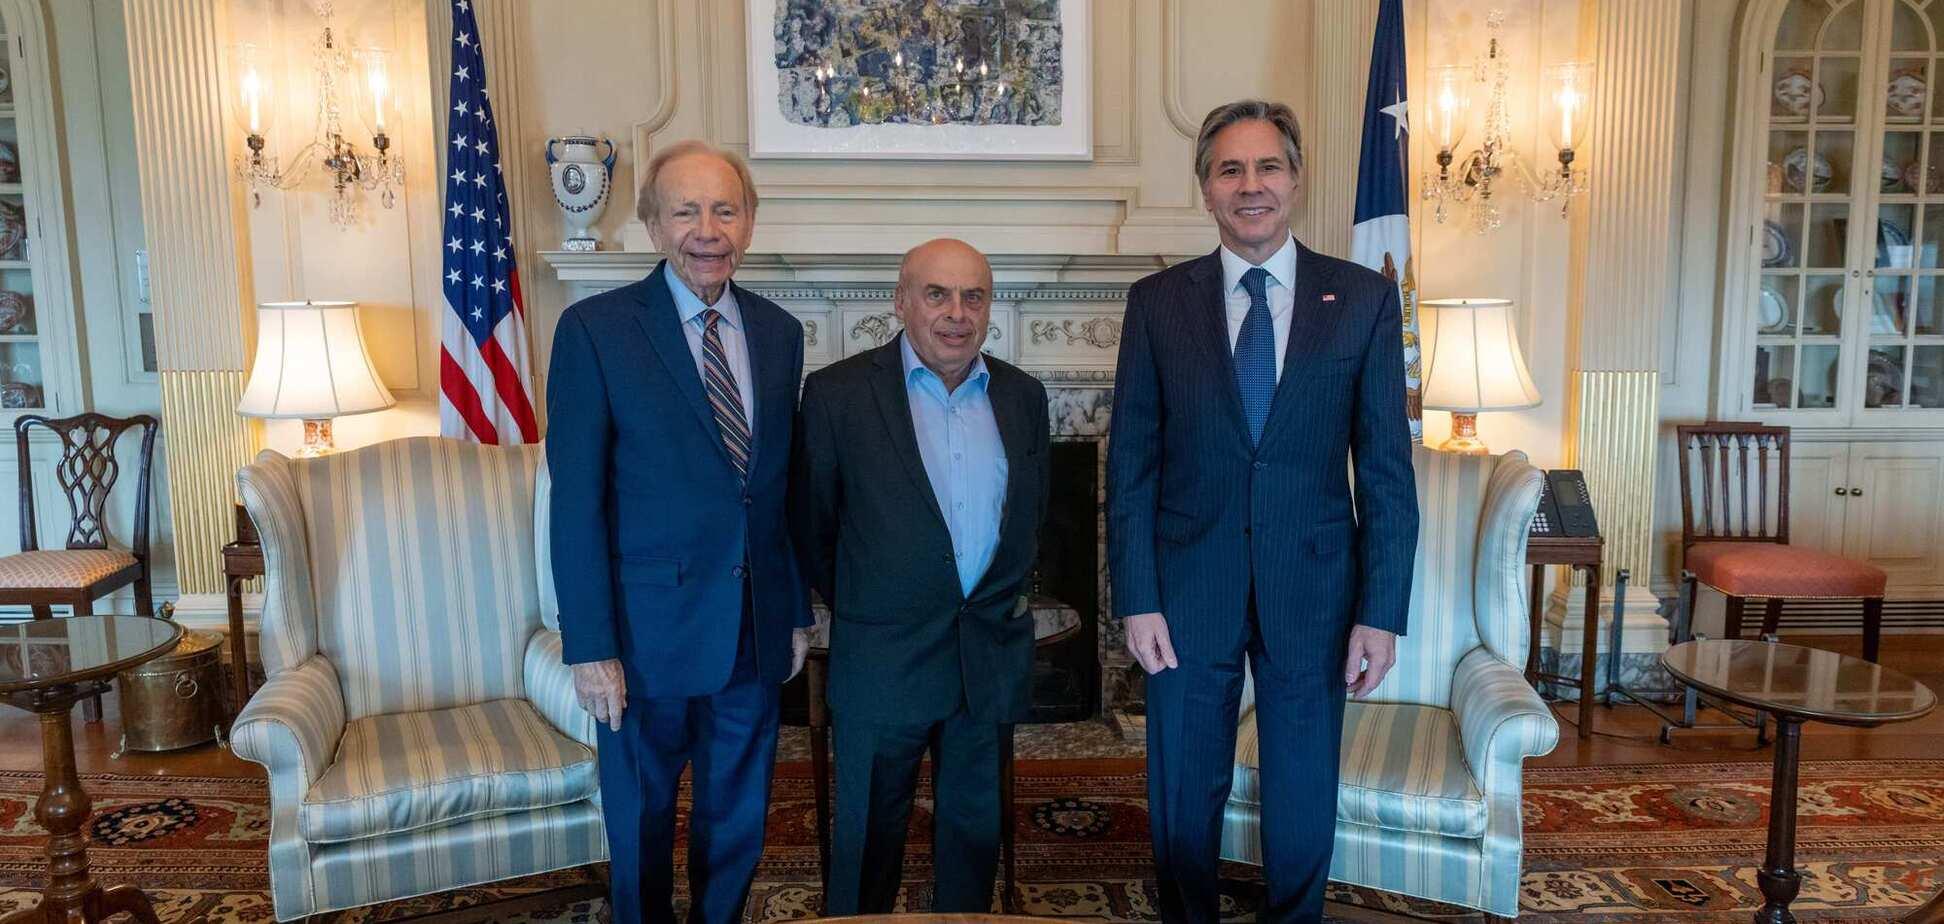 Держсекретар США Блінкен зустрівся з головою наглядової ради Меморіалу Голокосту 'Бабин Яр'